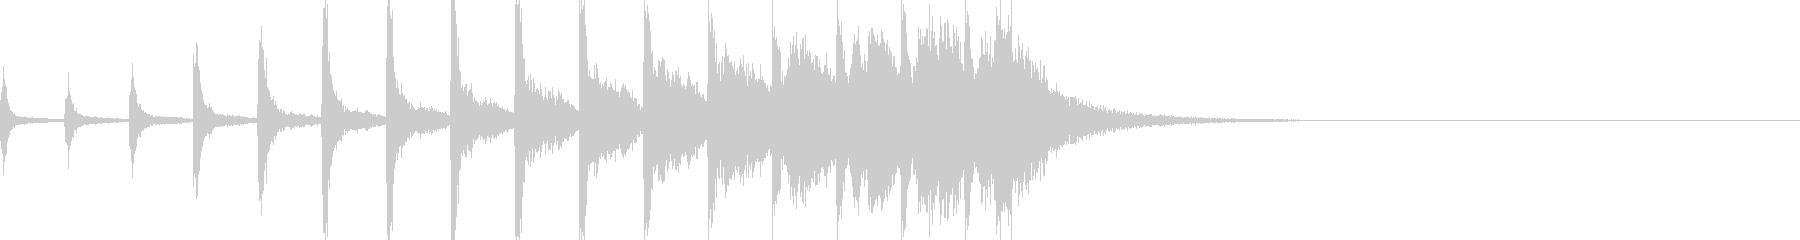 シンプルなドラムロールの未再生の波形